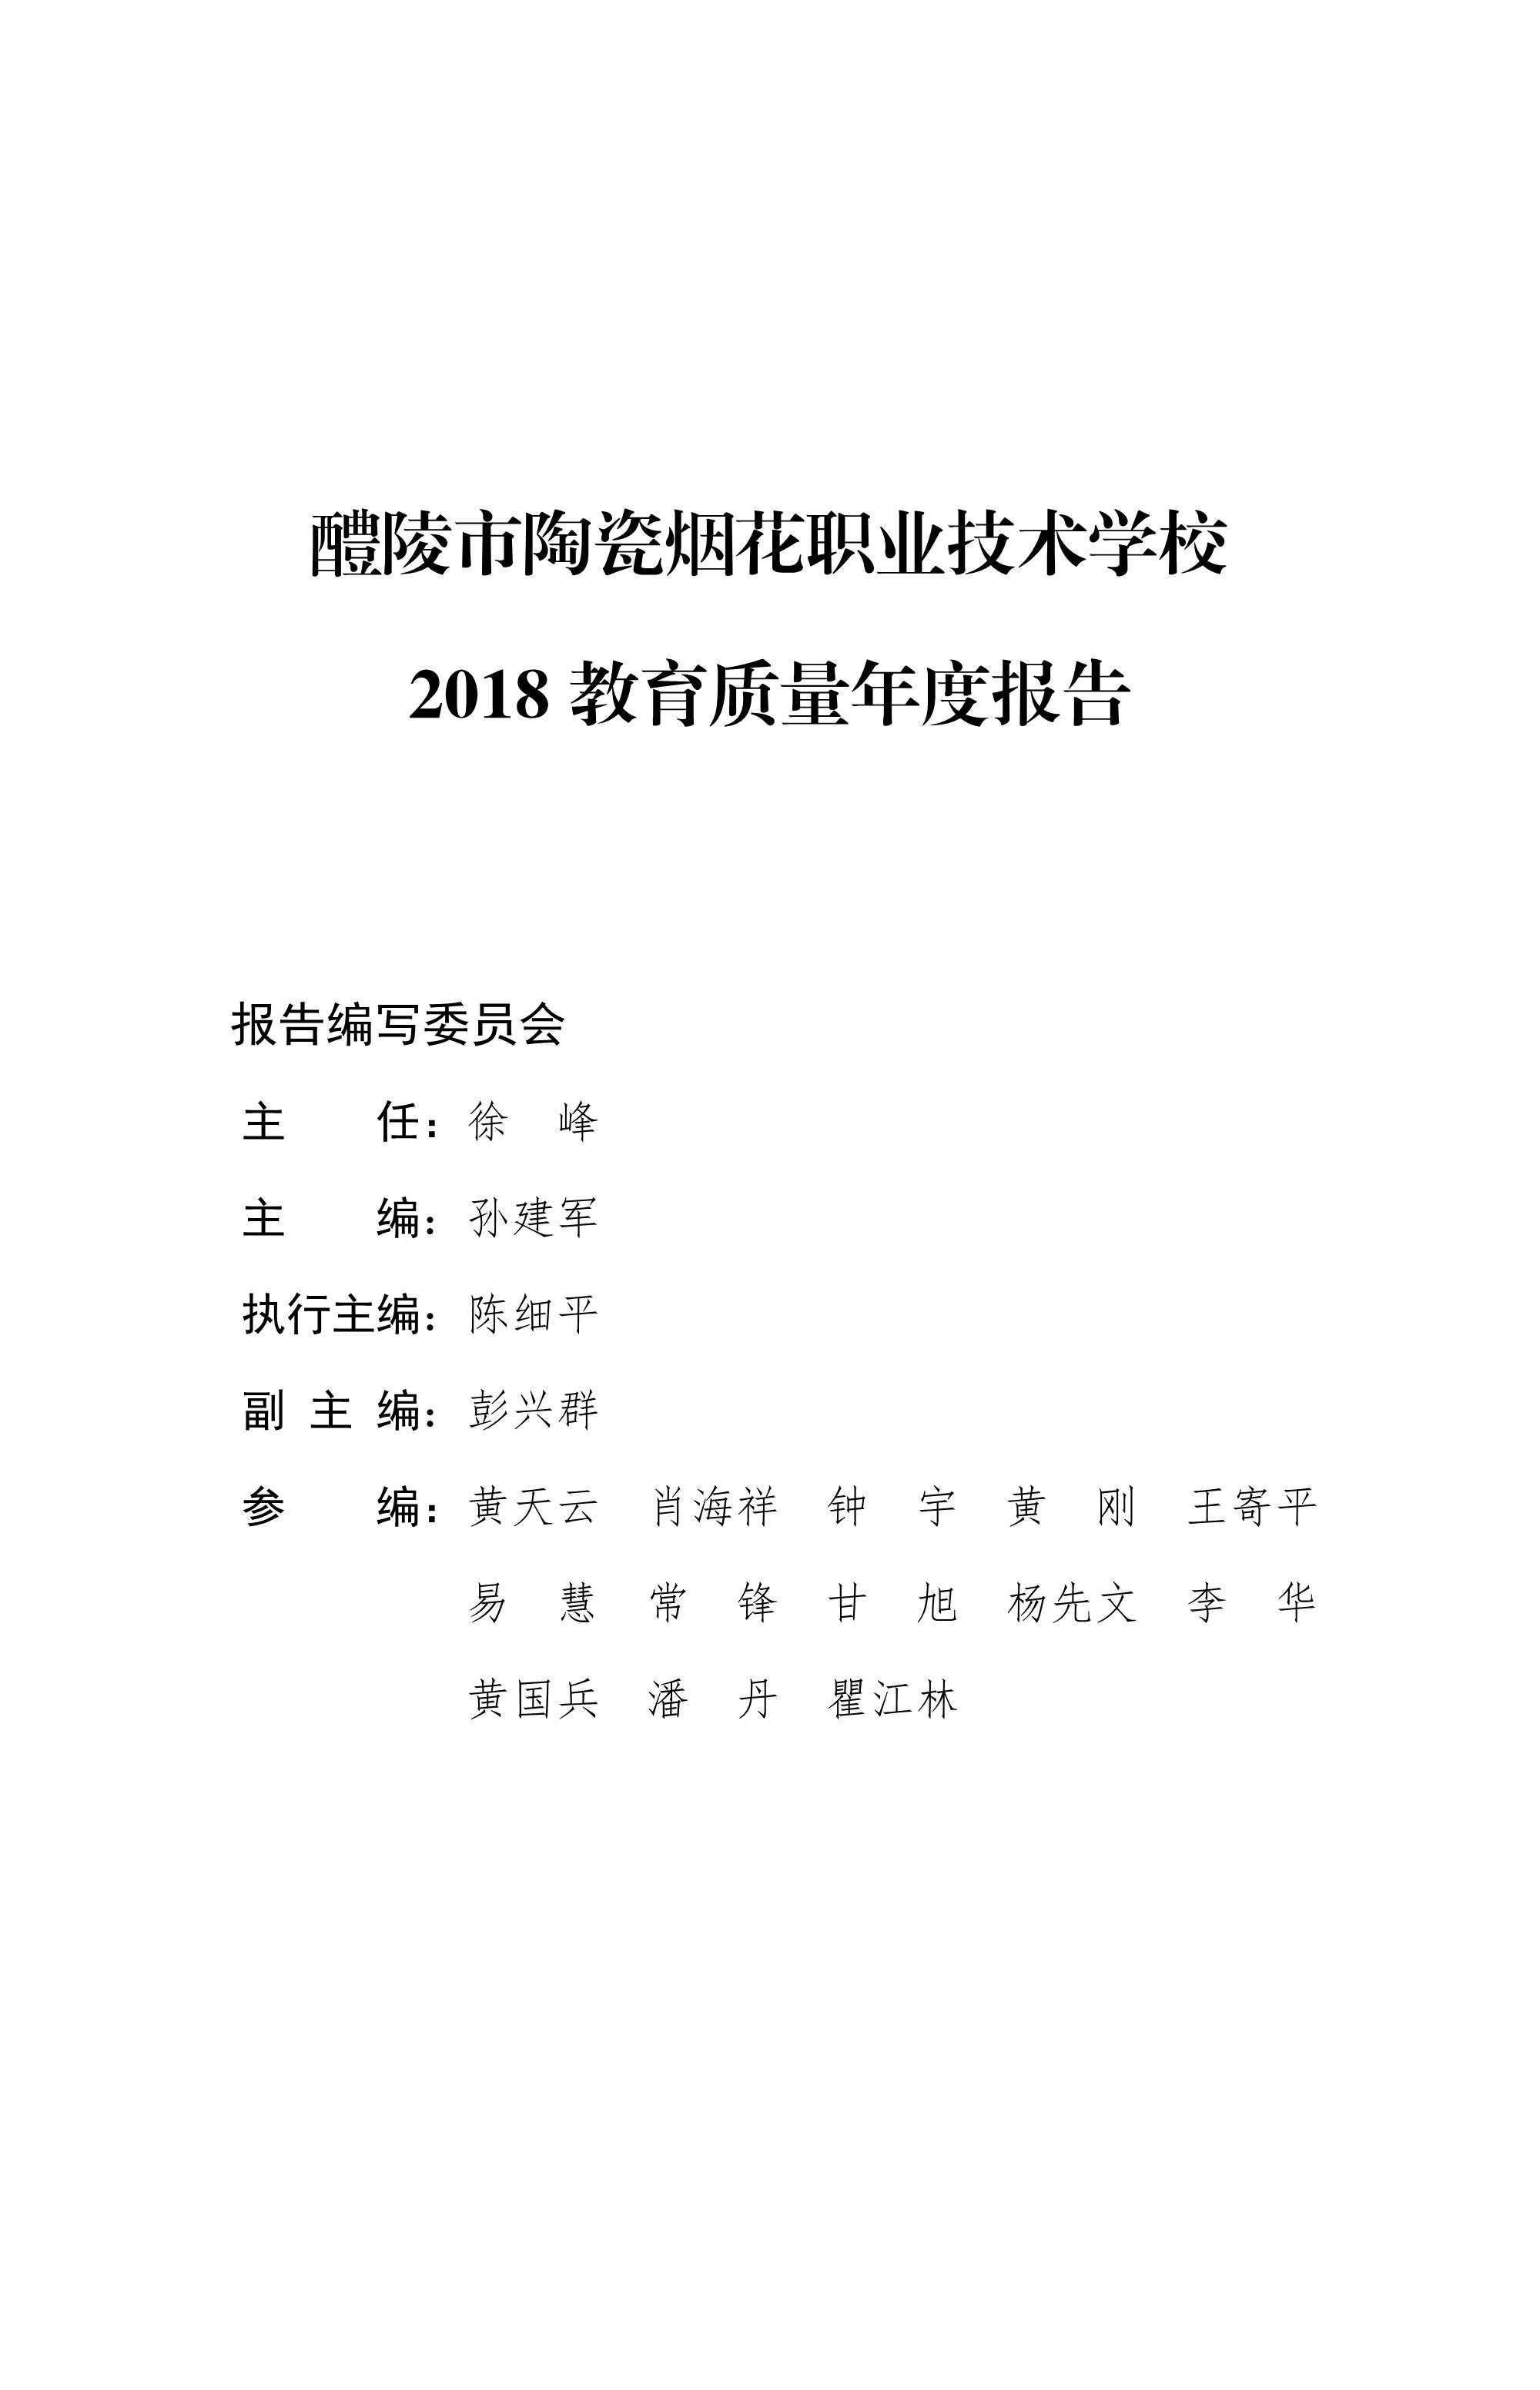 2018年度学校年度质量报告_1.Jpeg